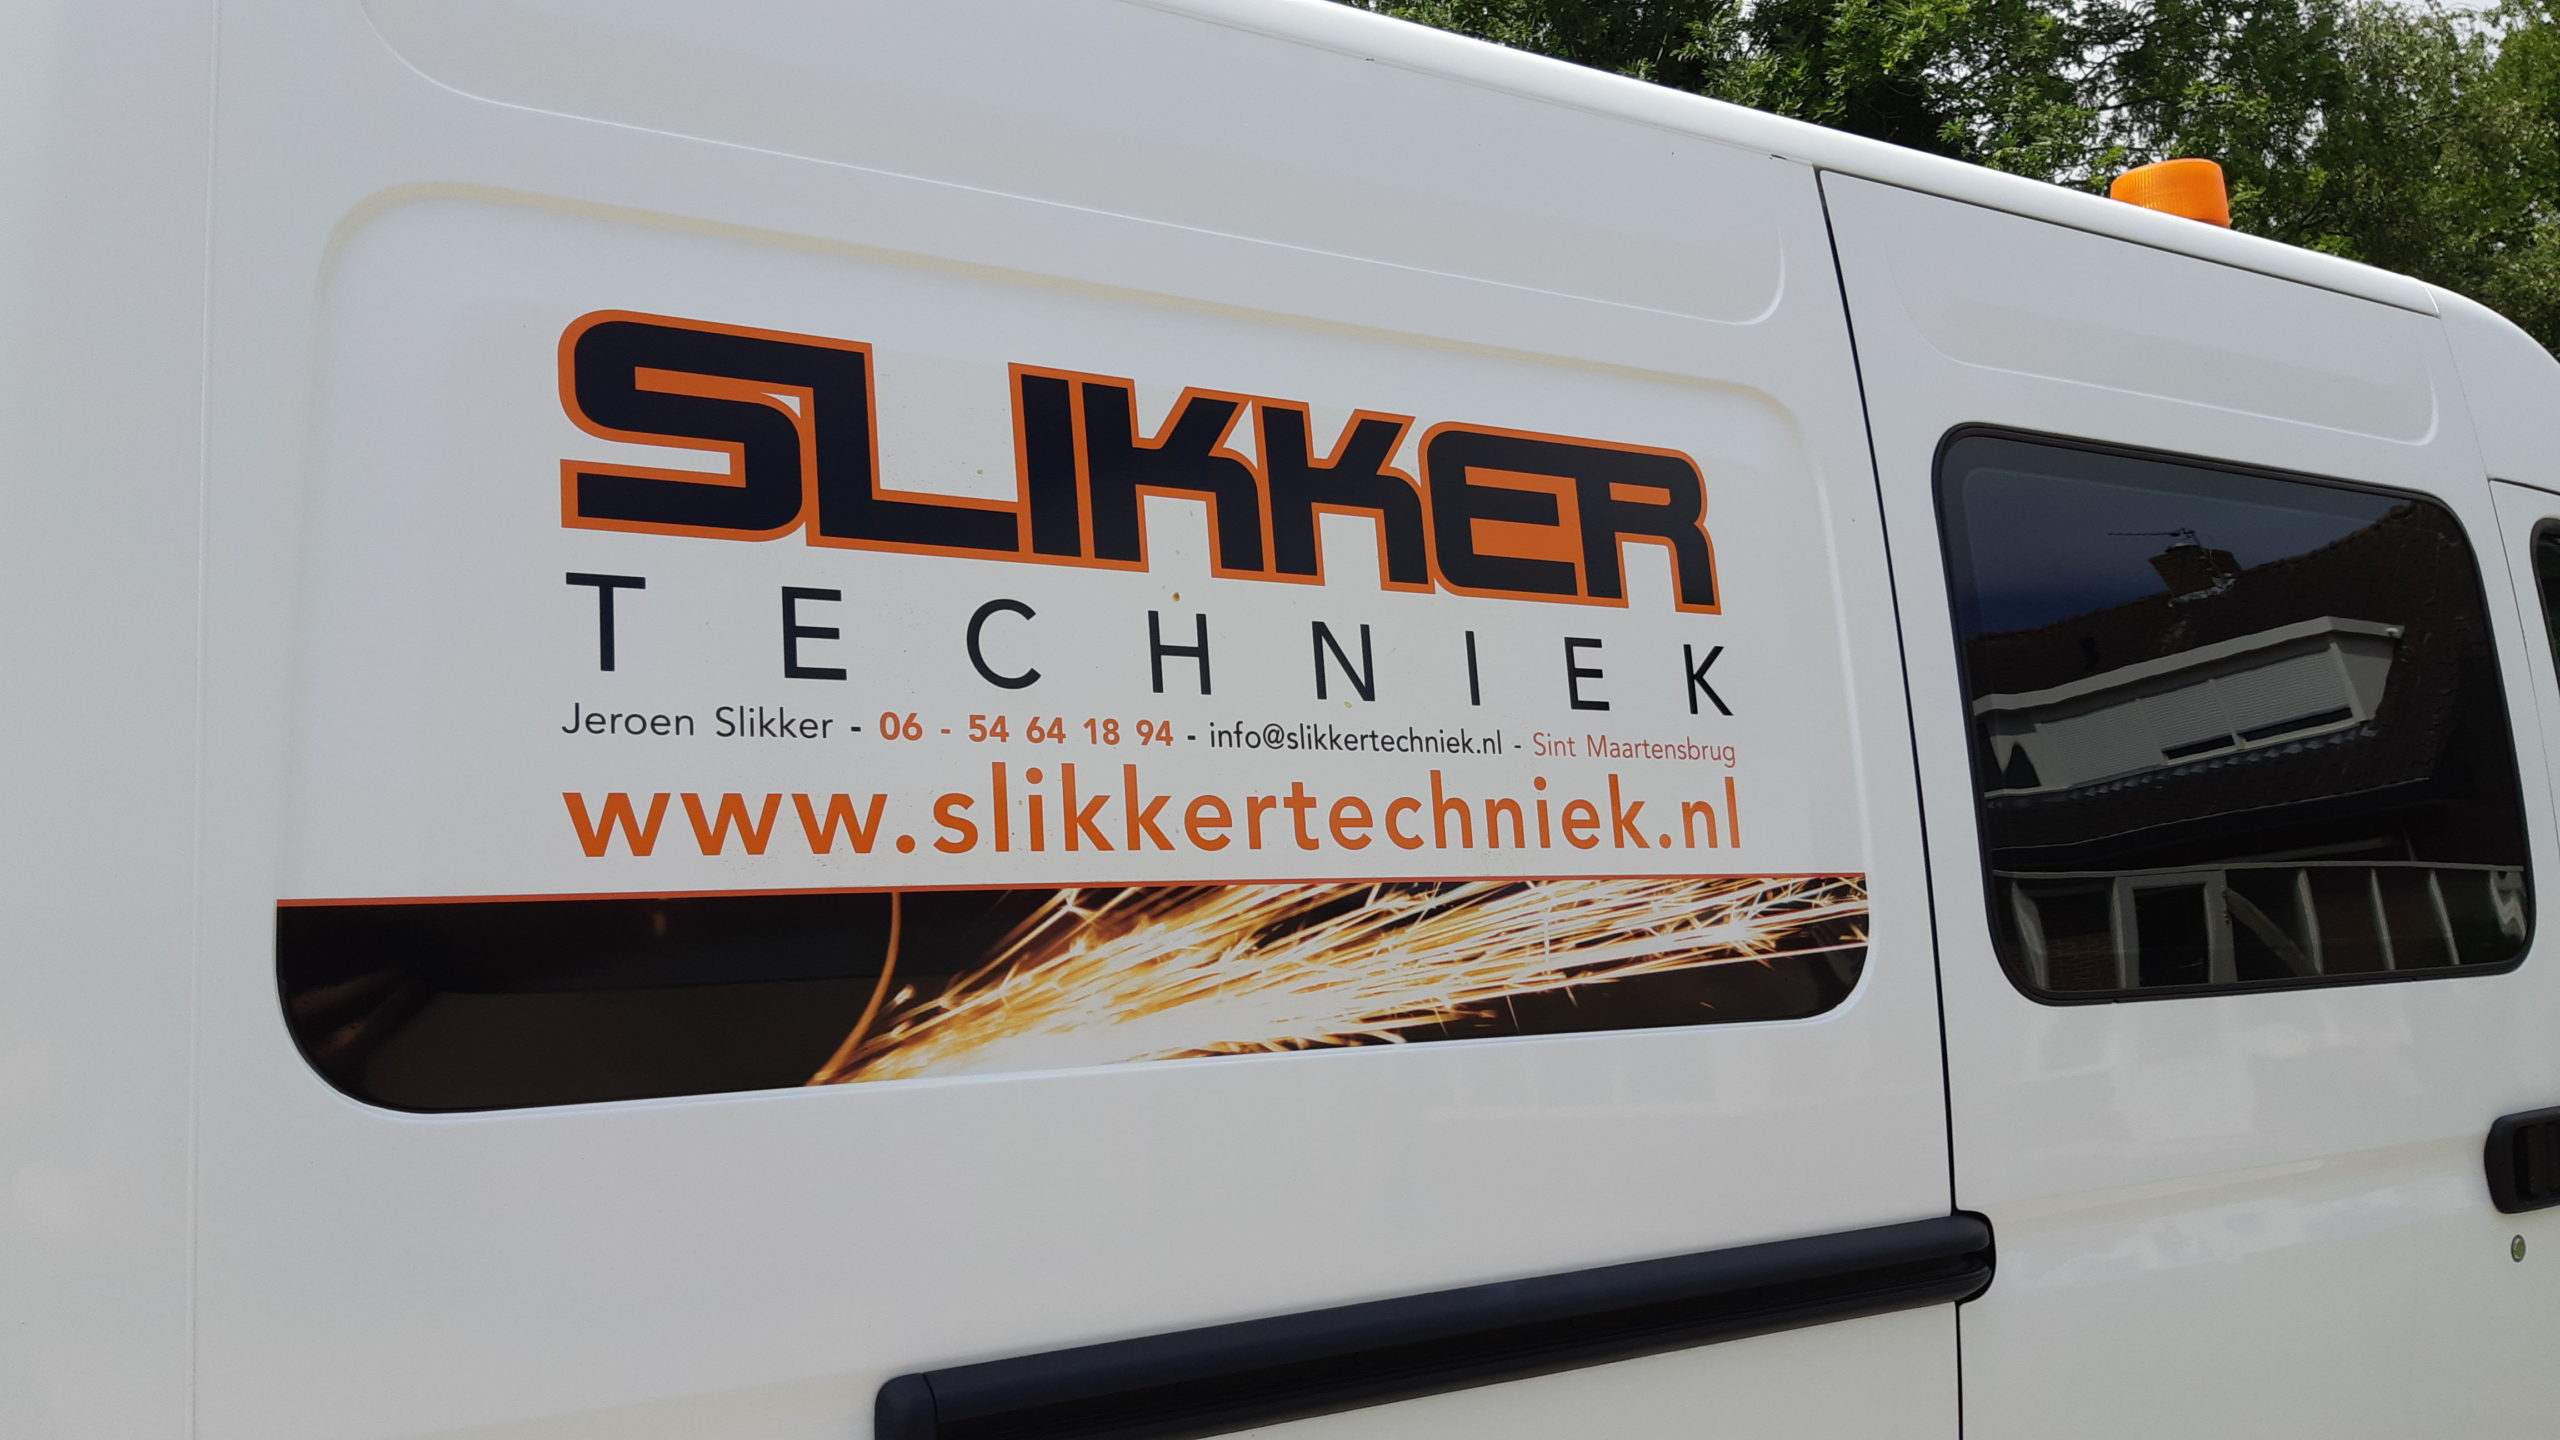 Bus Slikker Techniek Lasser Schagen